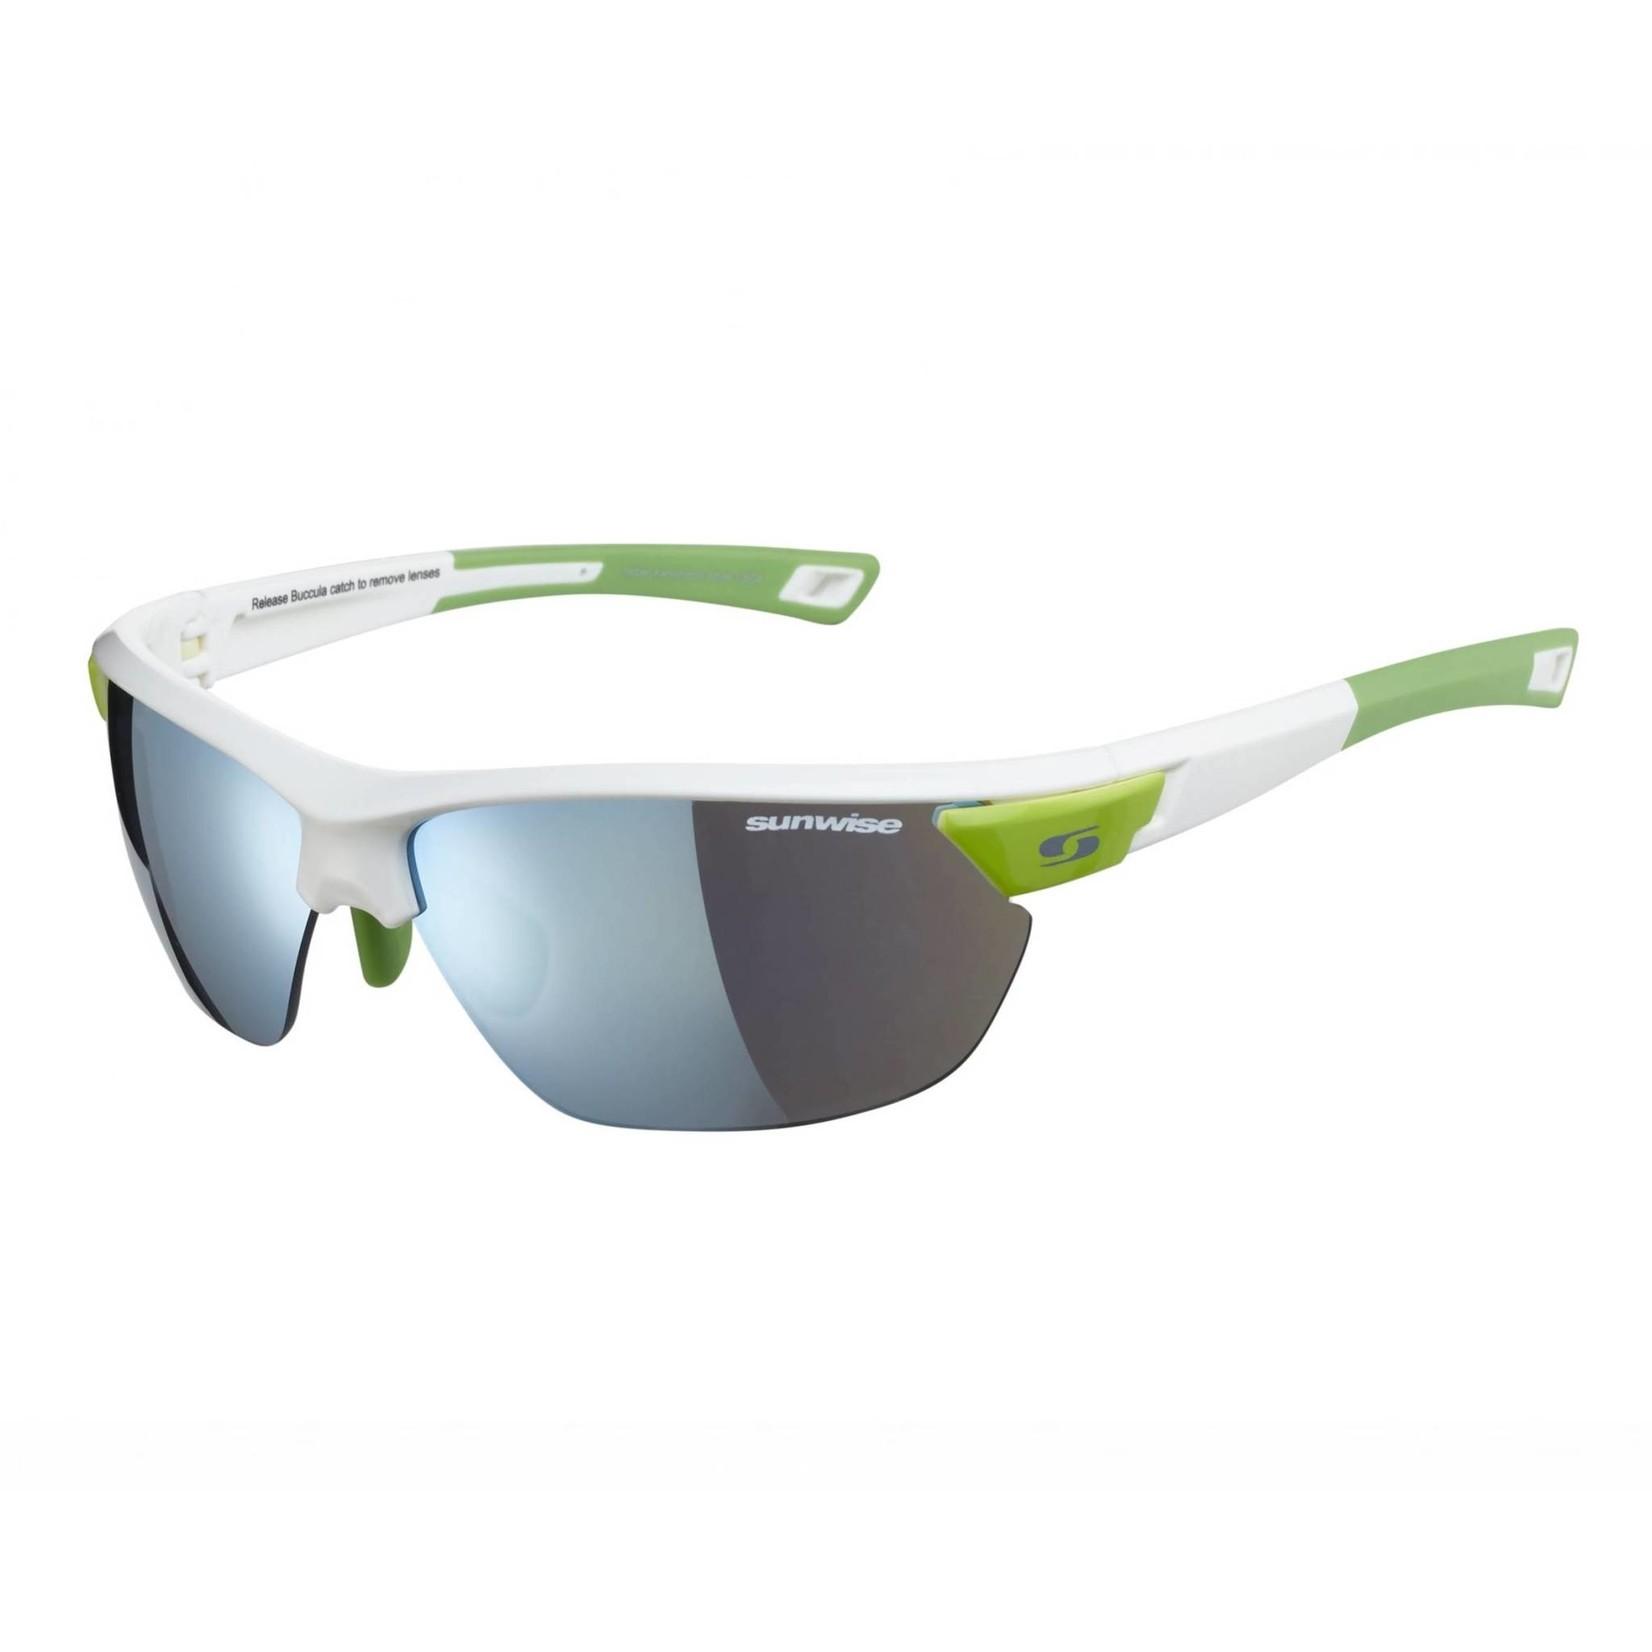 Sunwise Kennington Sunglasses White